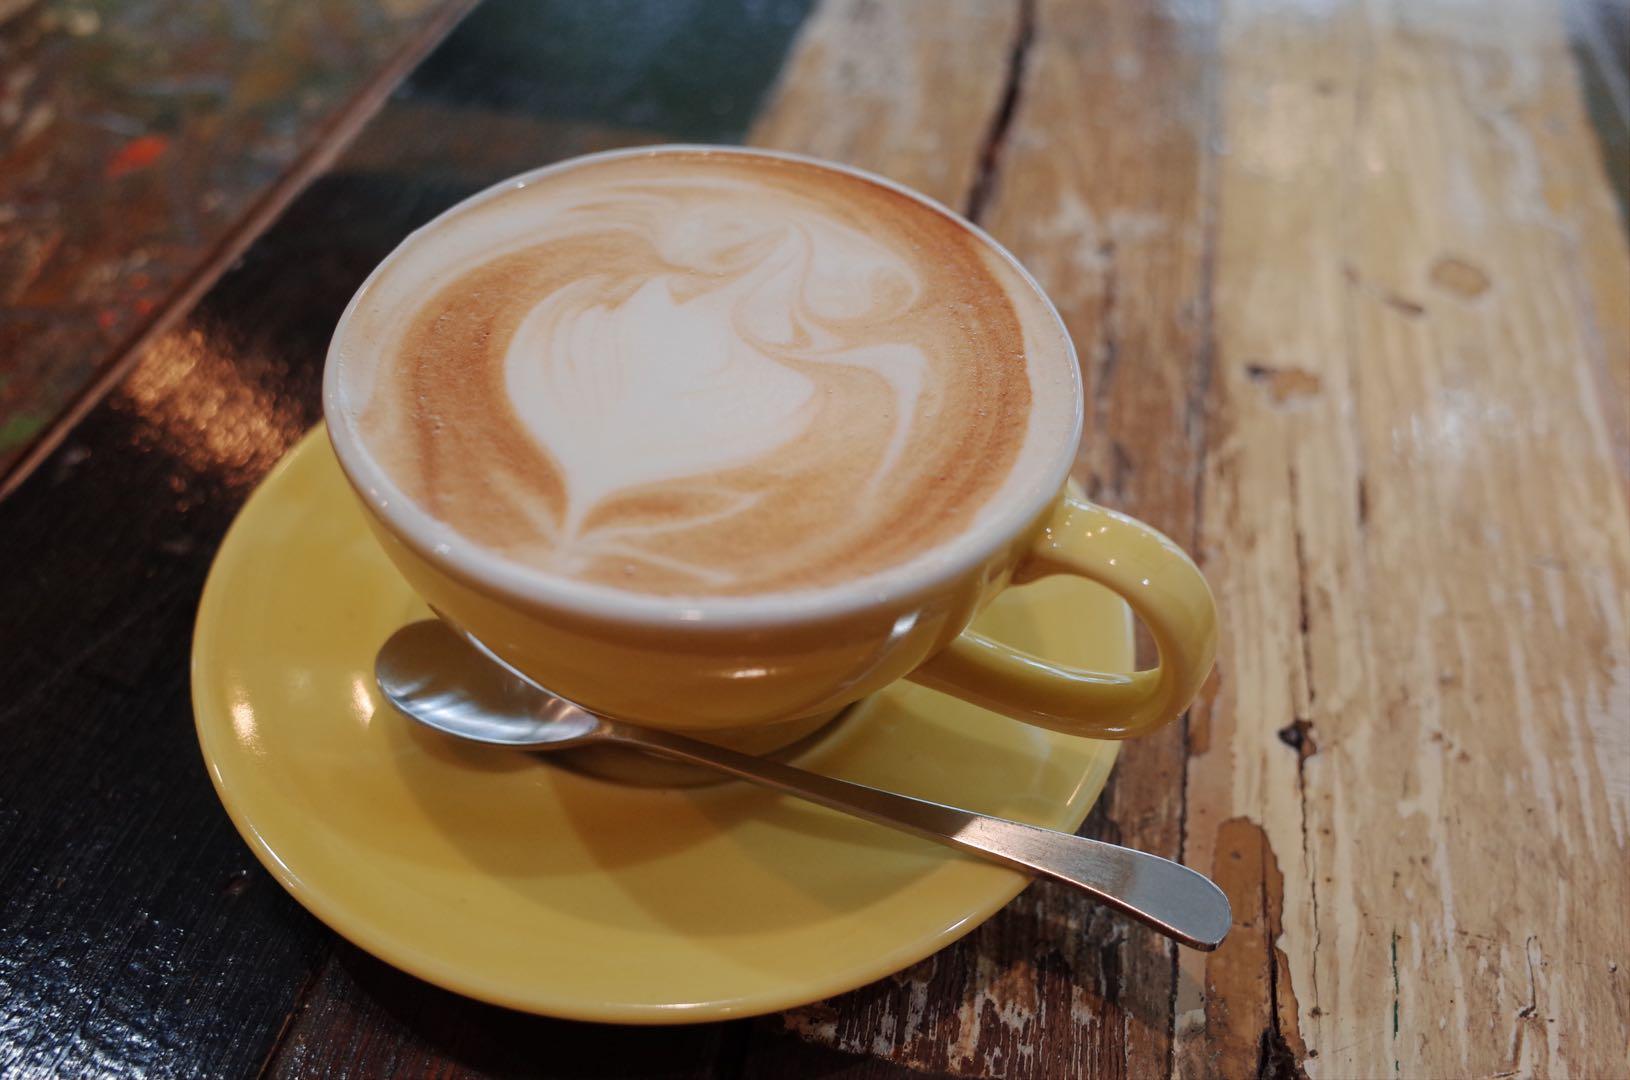 不喝咖啡就犯困?FDA:过量摄入咖啡因或致死